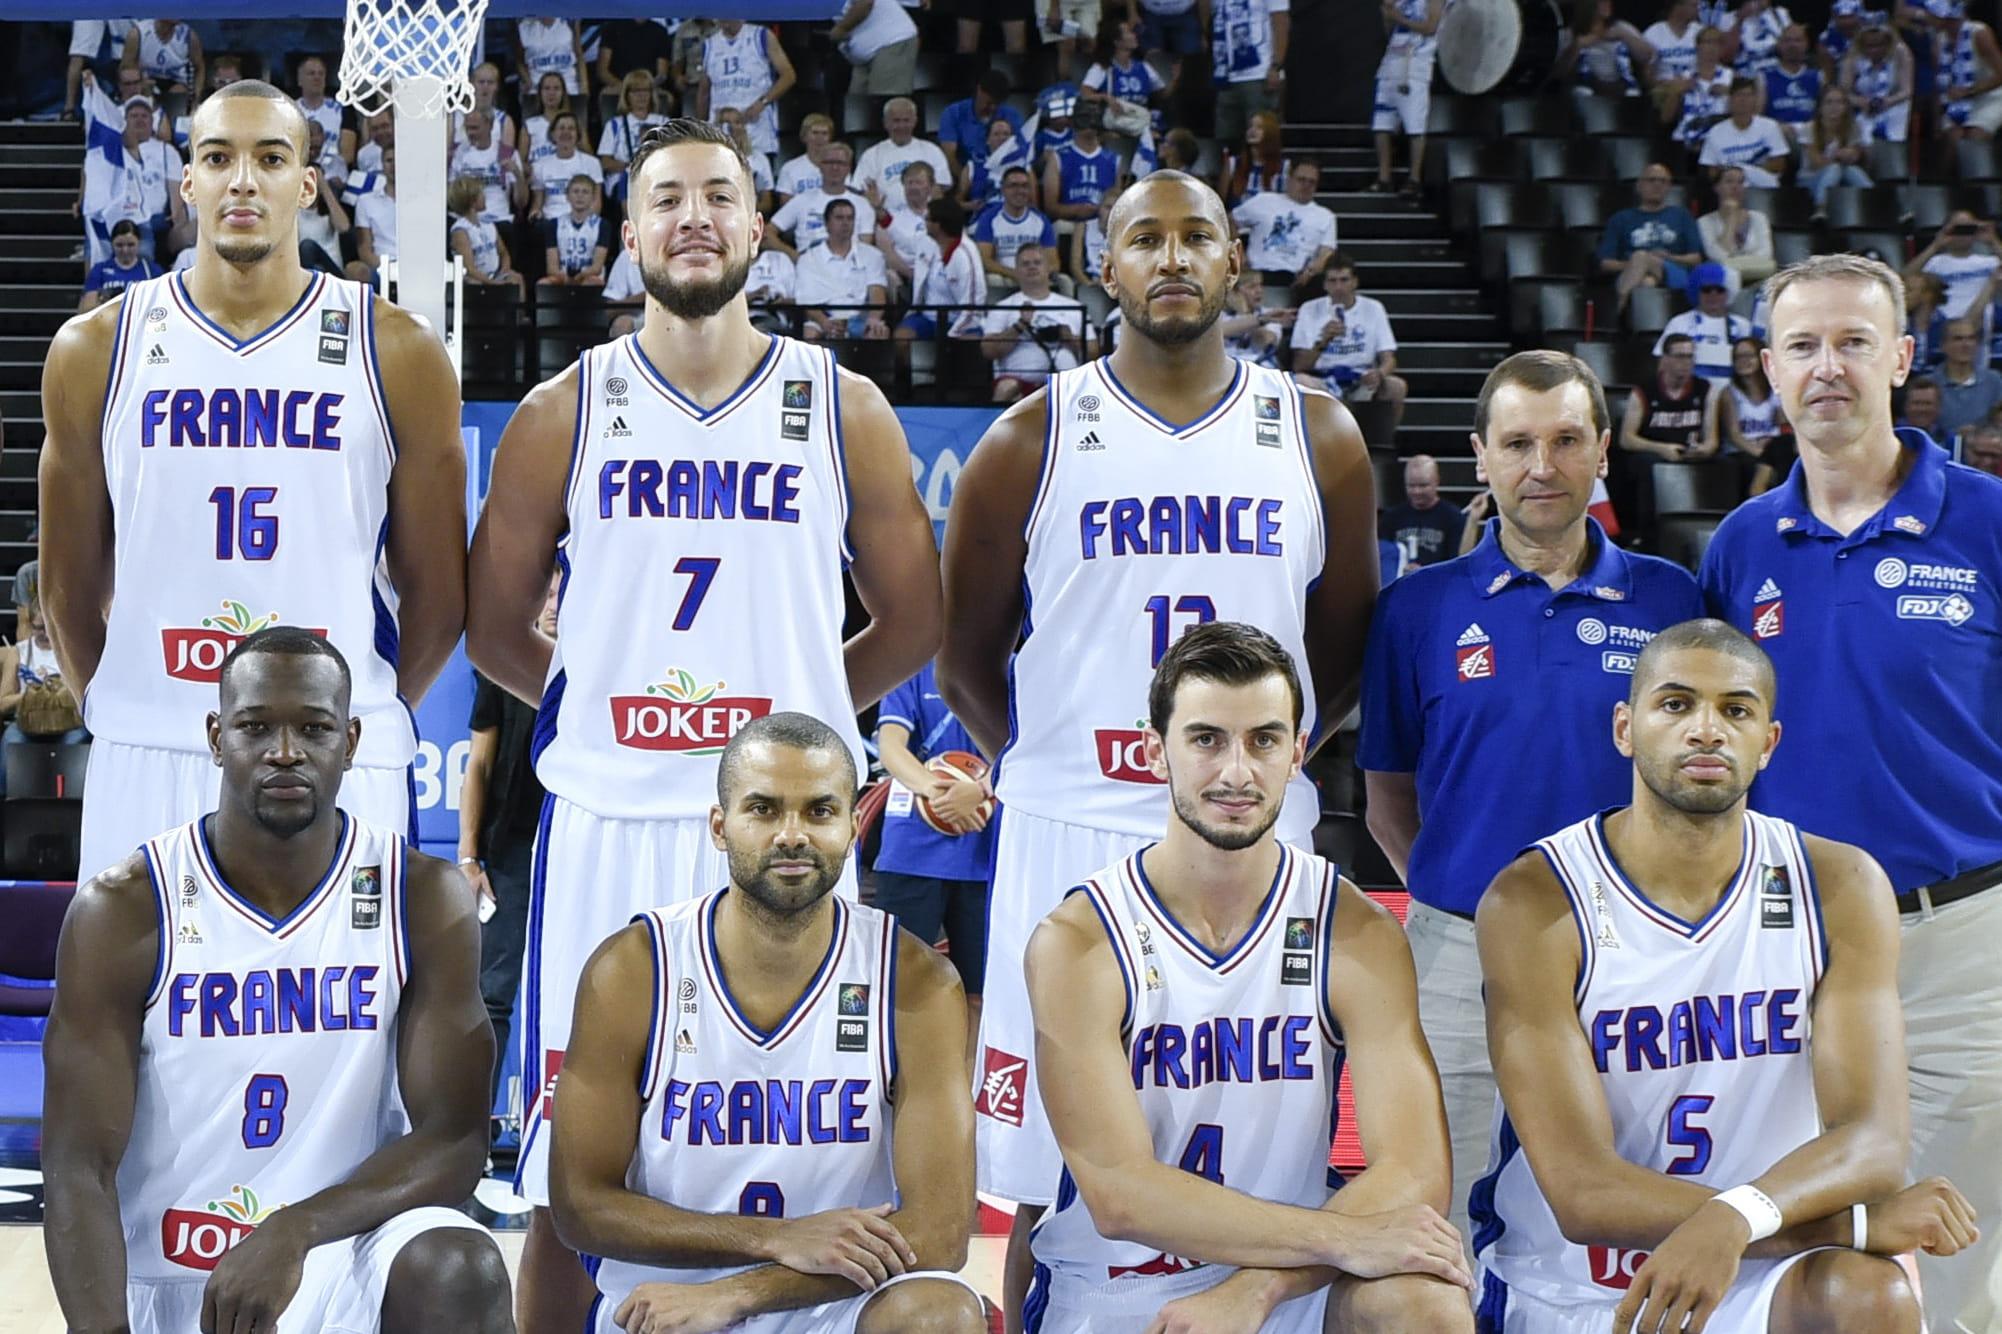 France pologne basket streaming diffusion tv live - Coupe d afrique en direct sur internet ...